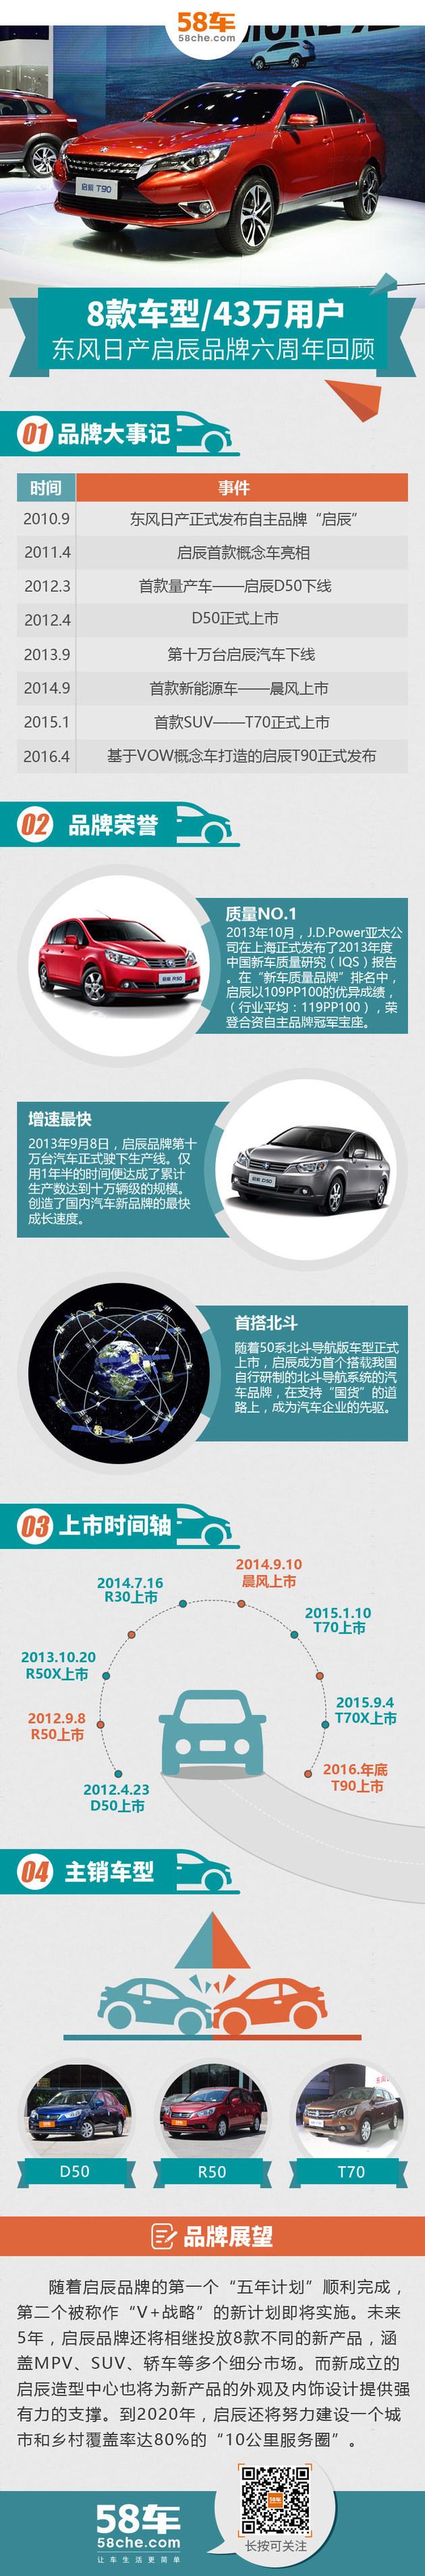 启辰品牌六周年回顾 8缓车型/43万用户